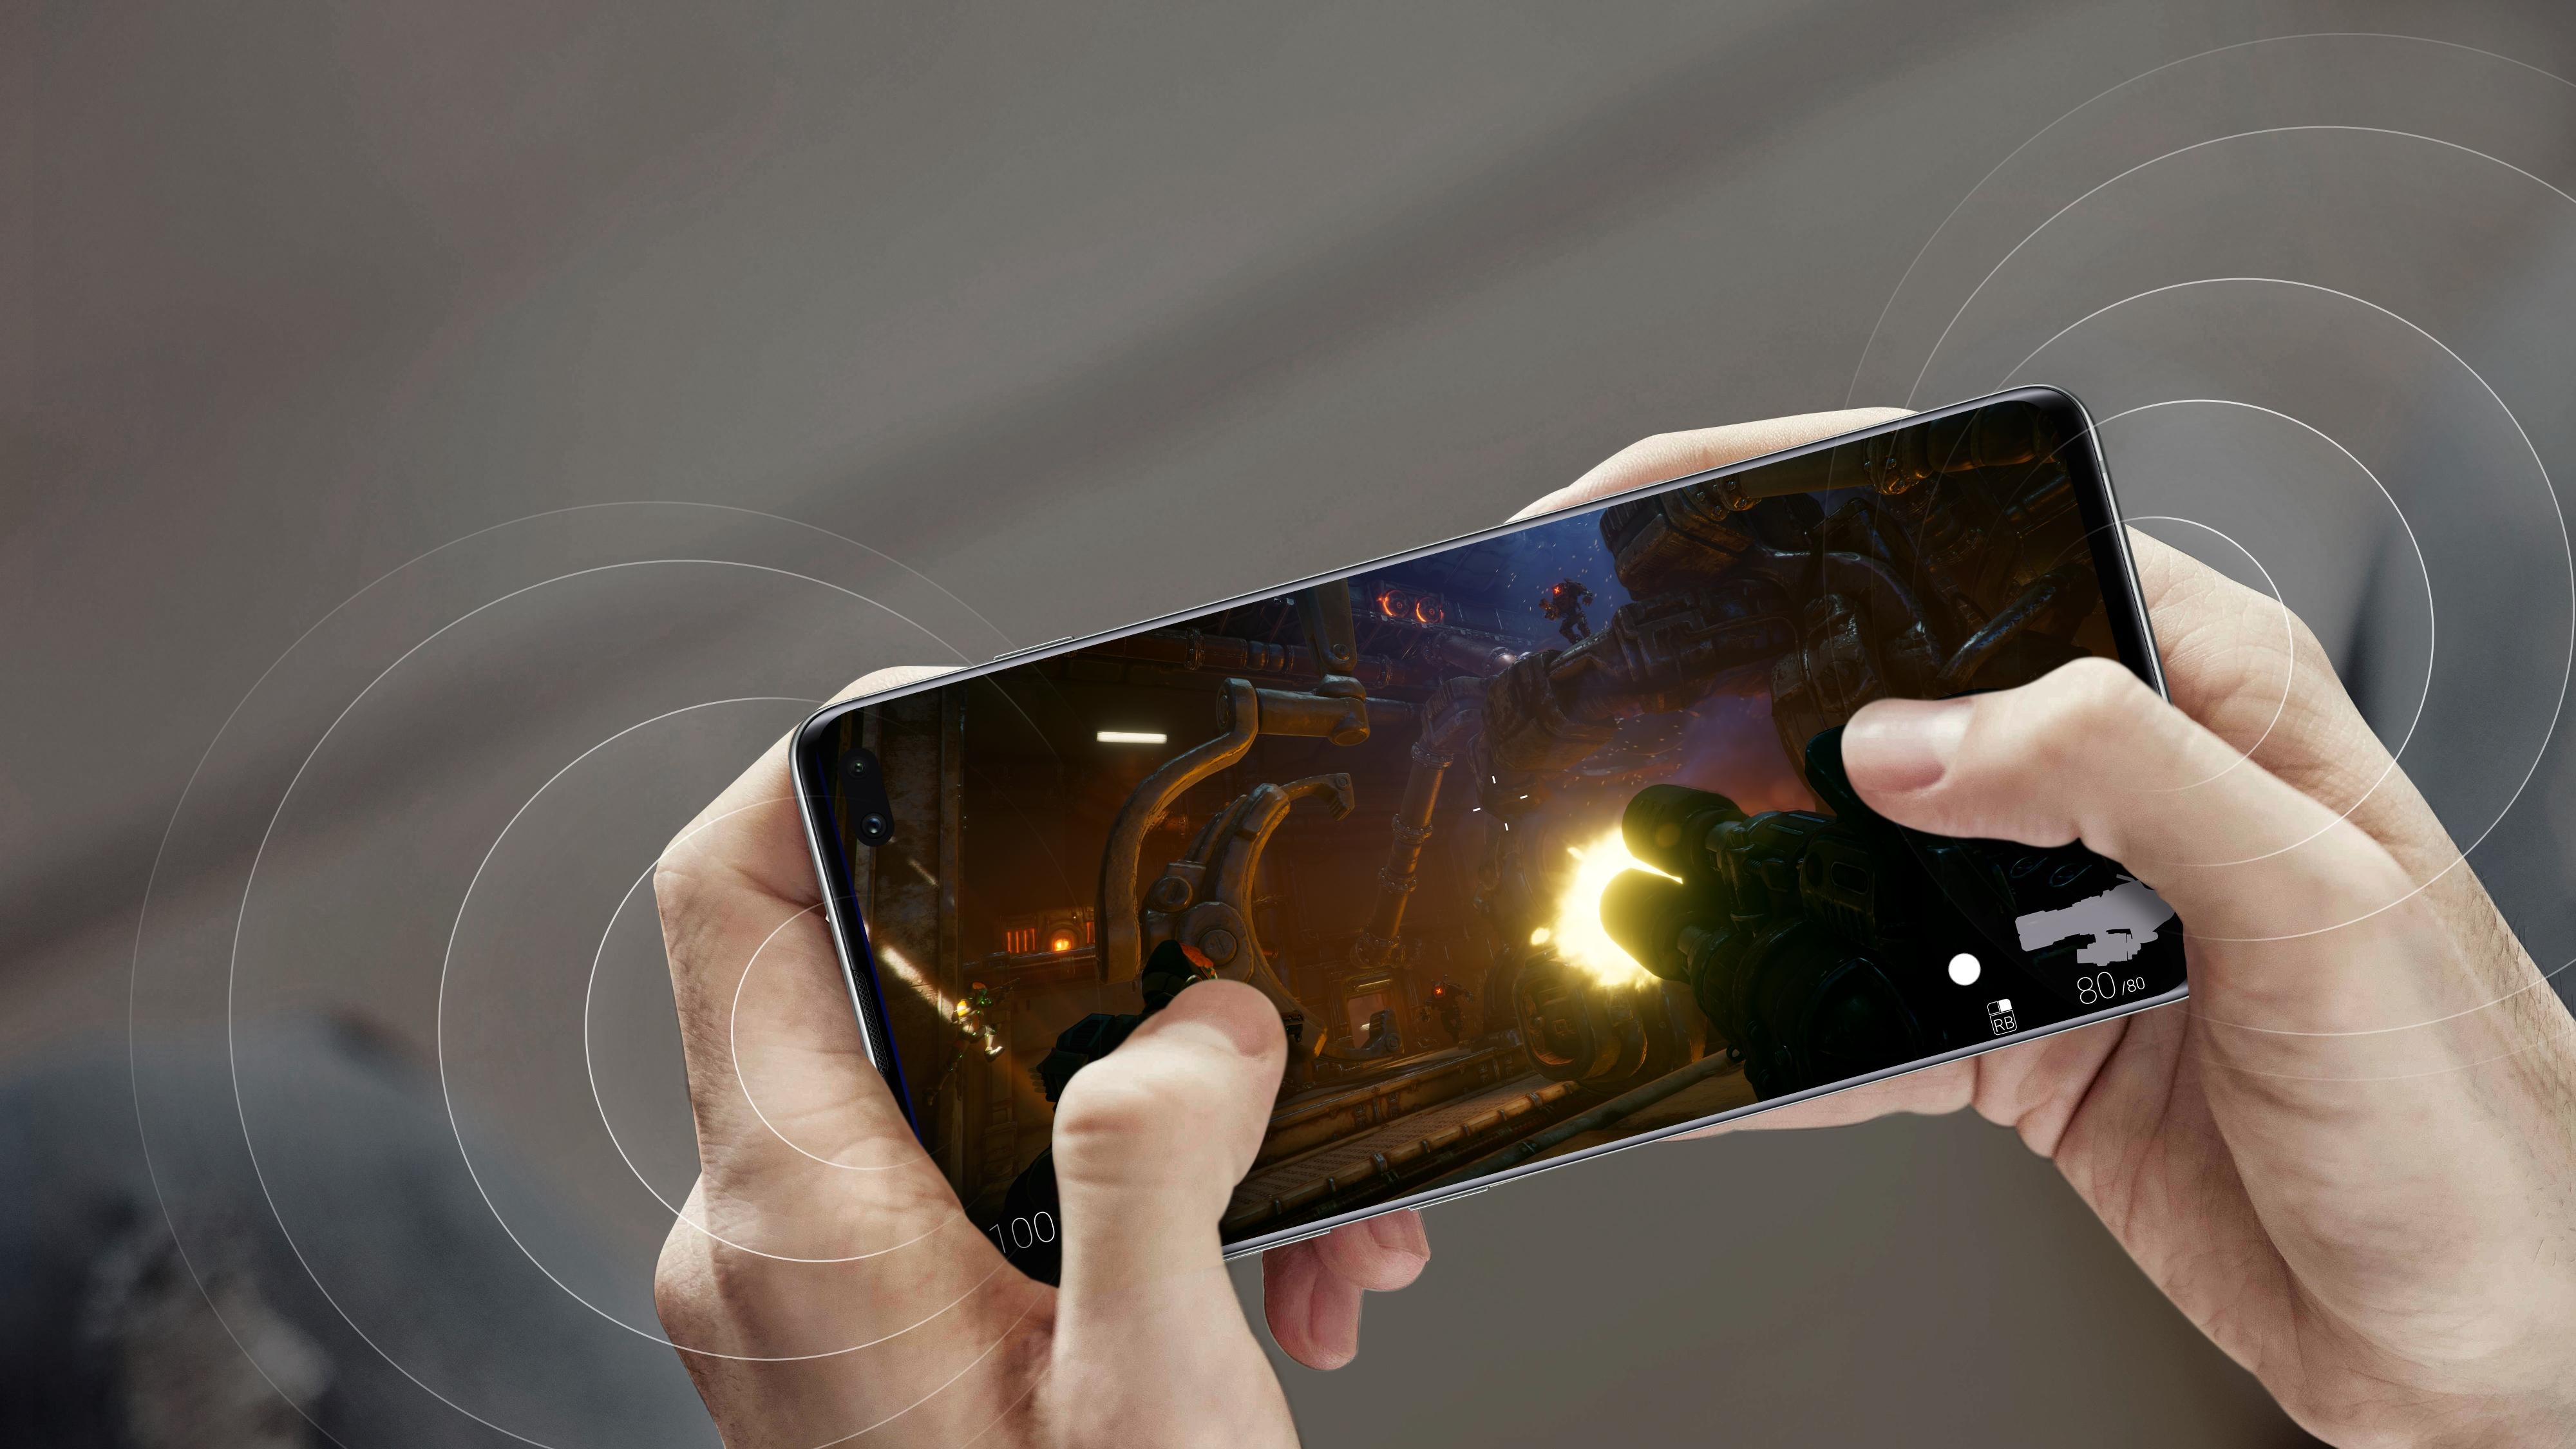 034bbde6fdf El Samsung Galaxy S10+ es el teléfono Android más vendido del 2019 | Los  Tiempos